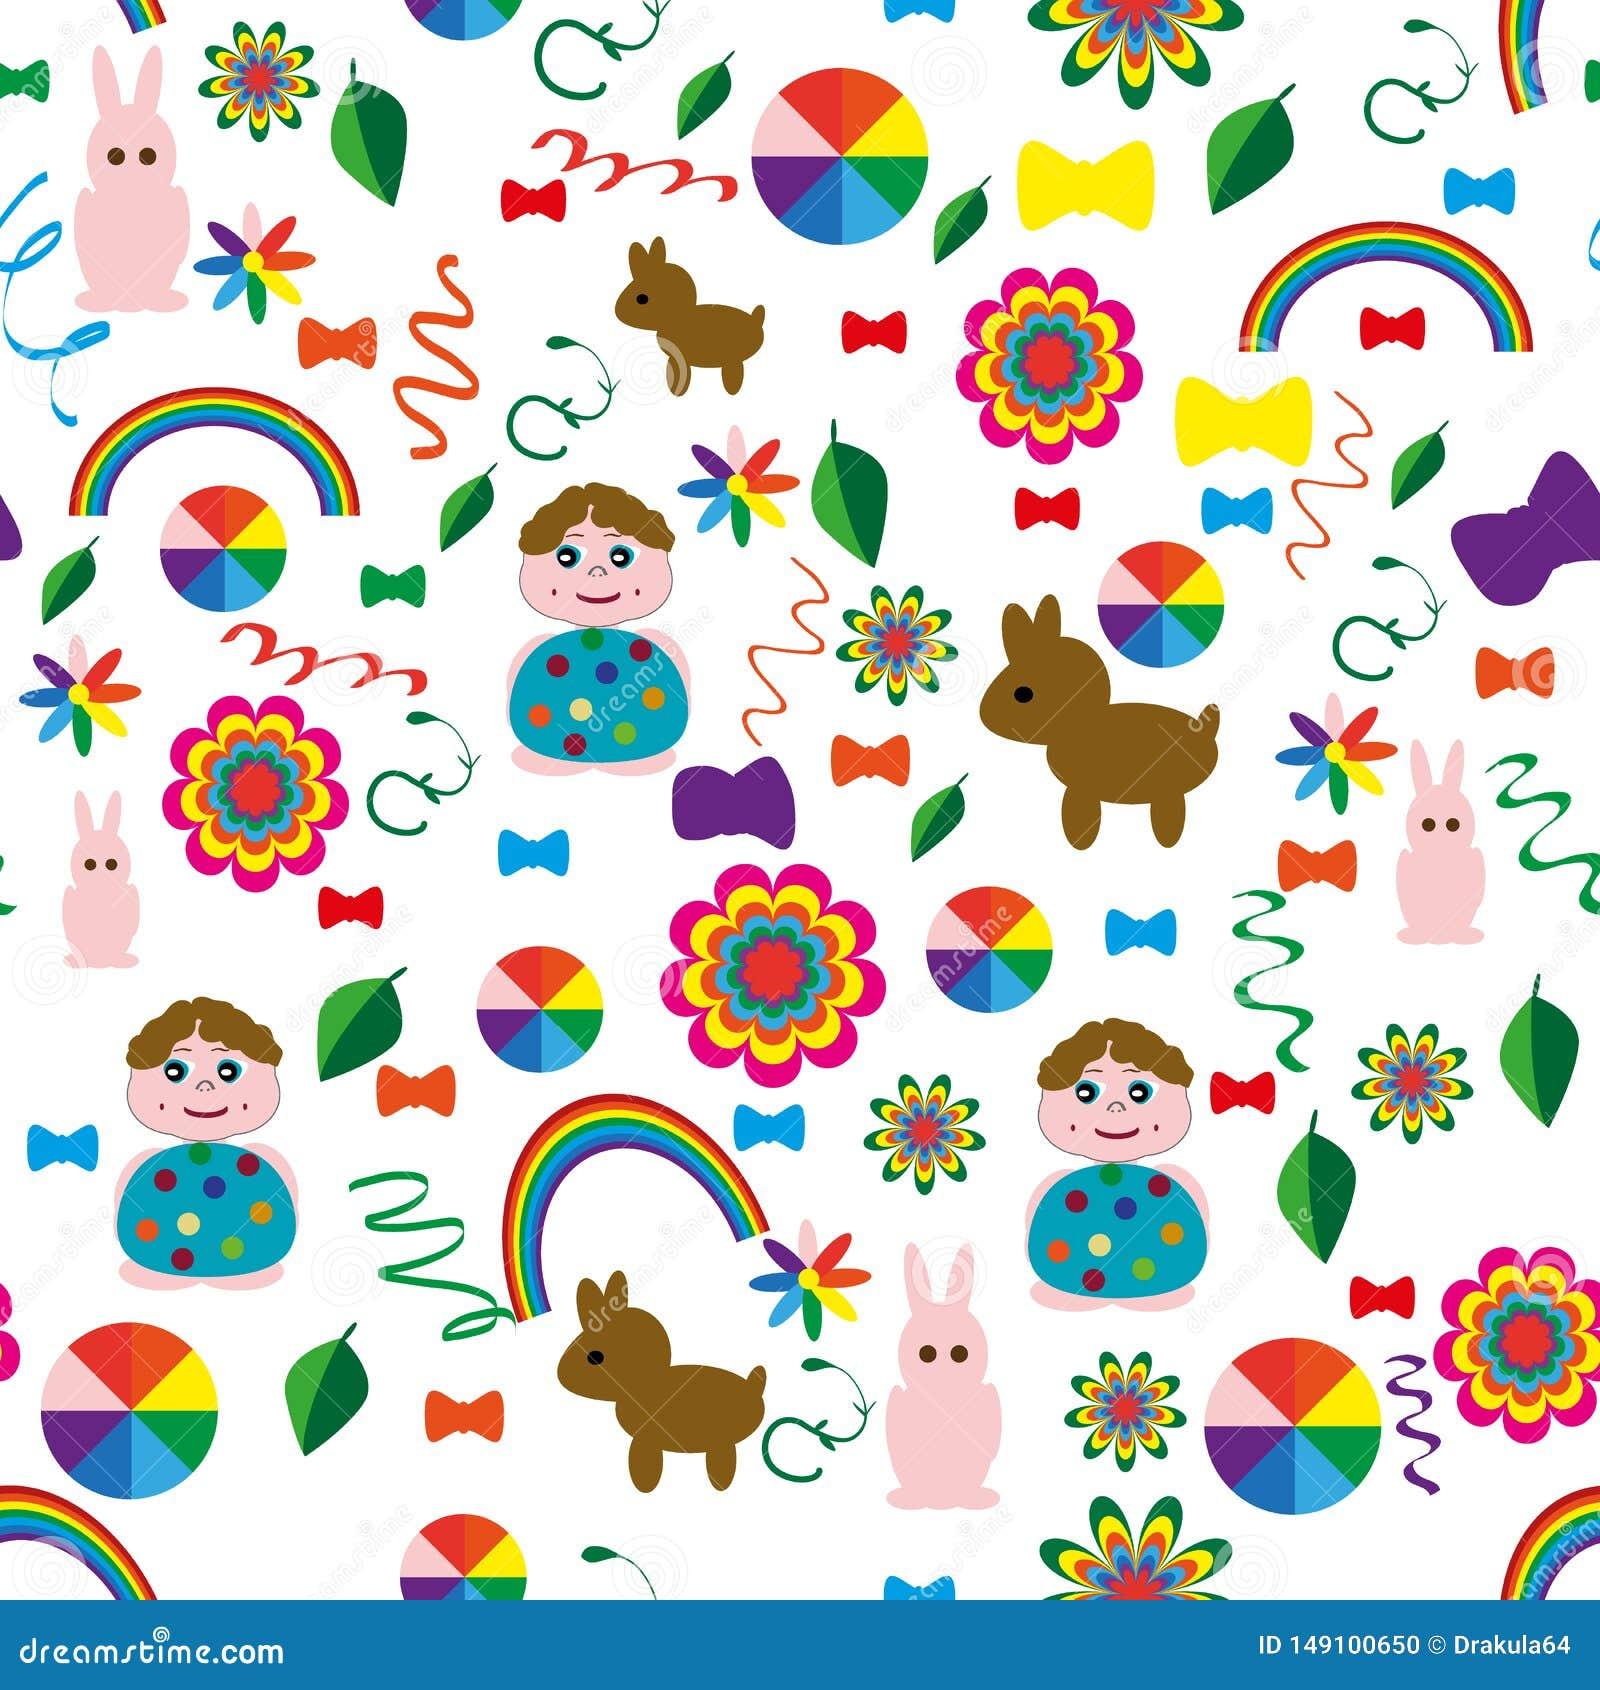 Senza cuciture-bambino-fondo-con-un-arcobaleno-animale-palle